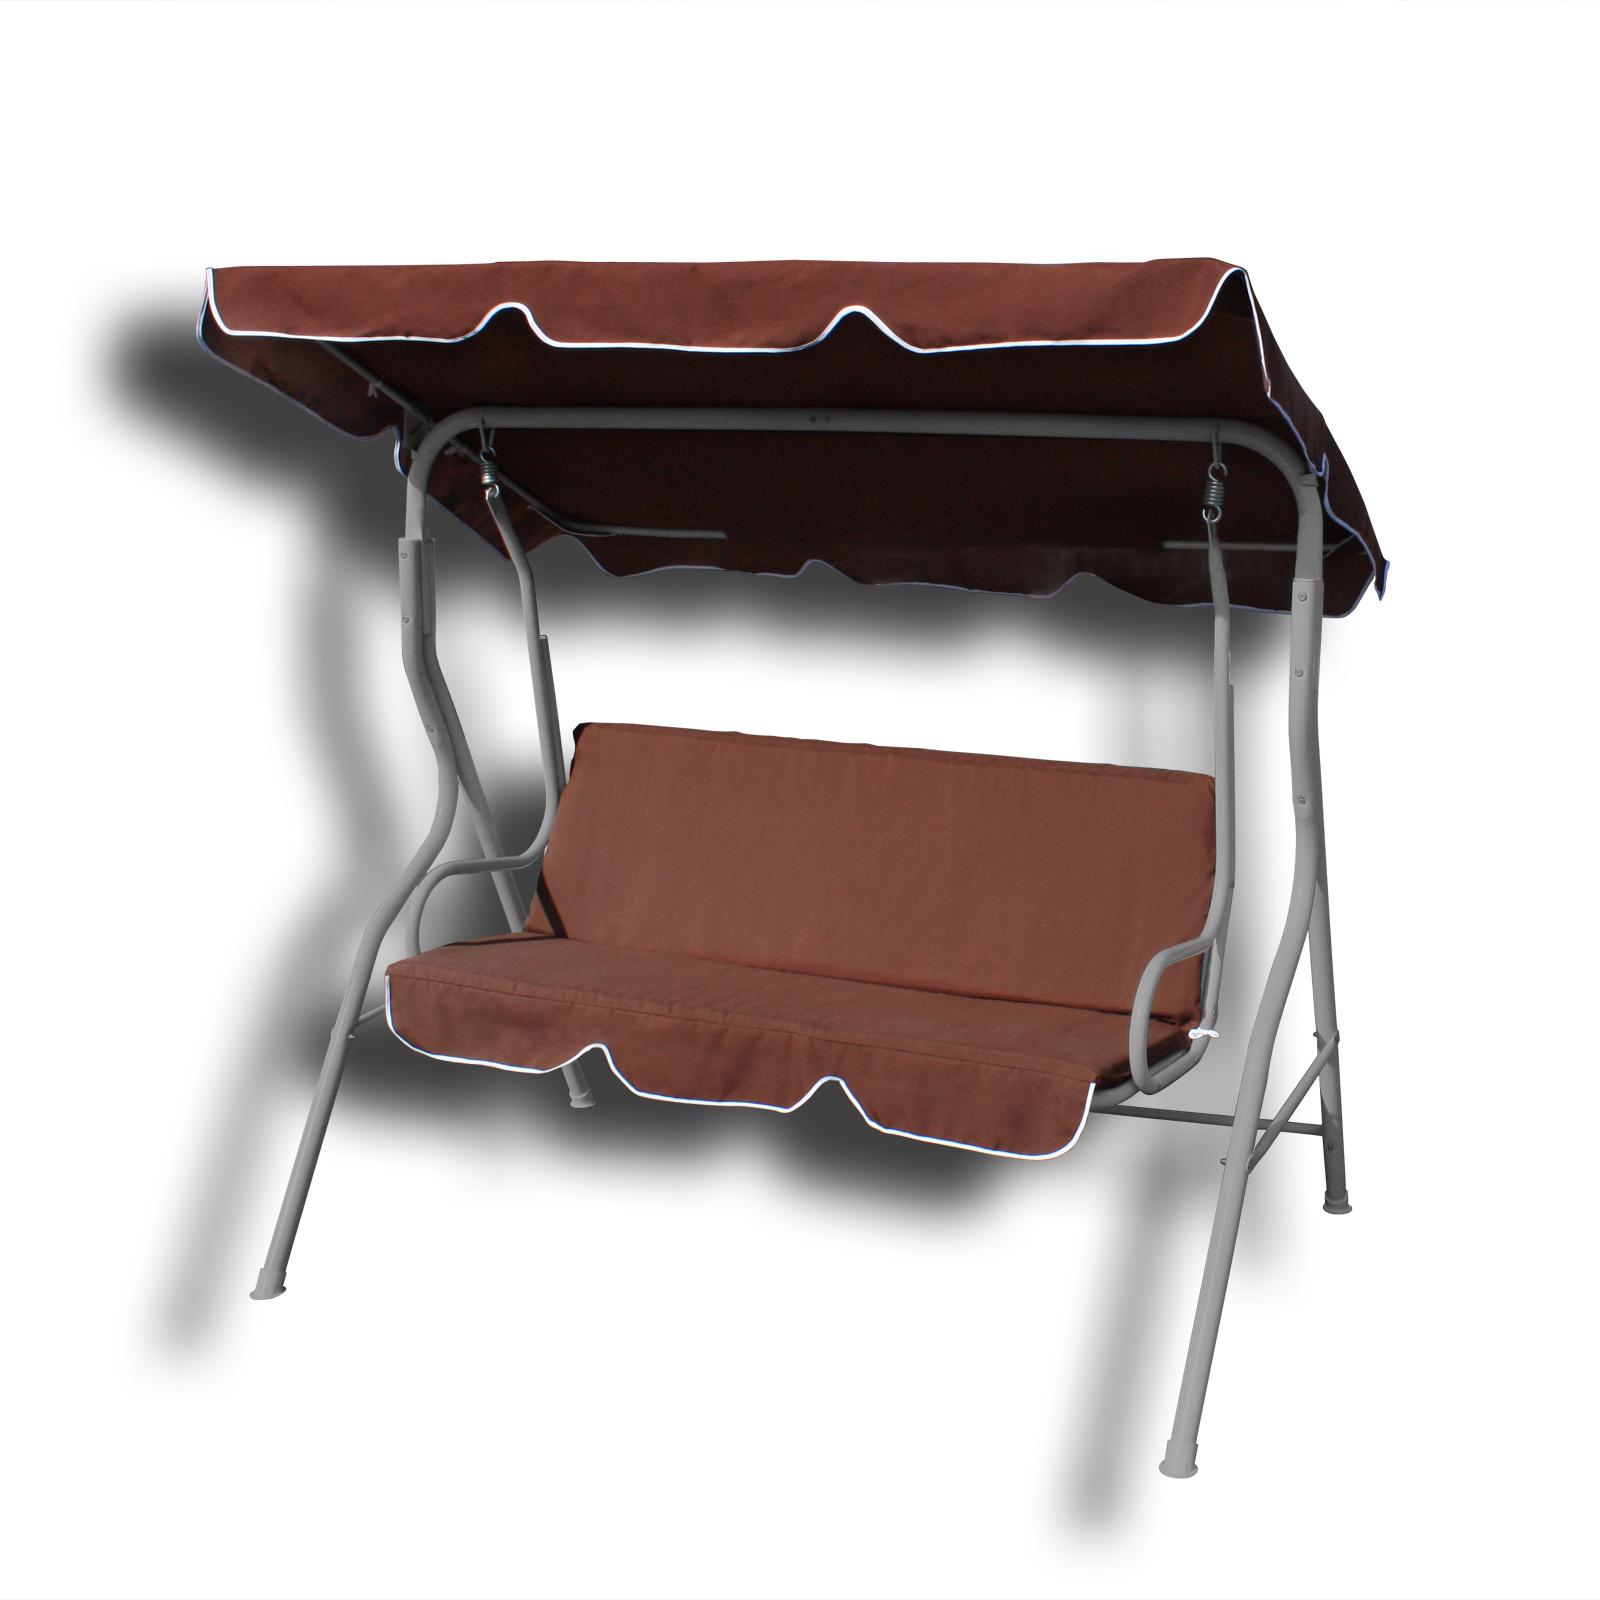 gartenliege hollywoodschaukel schaukel 3 sitzer 7 verschiedene farbvarianten. Black Bedroom Furniture Sets. Home Design Ideas